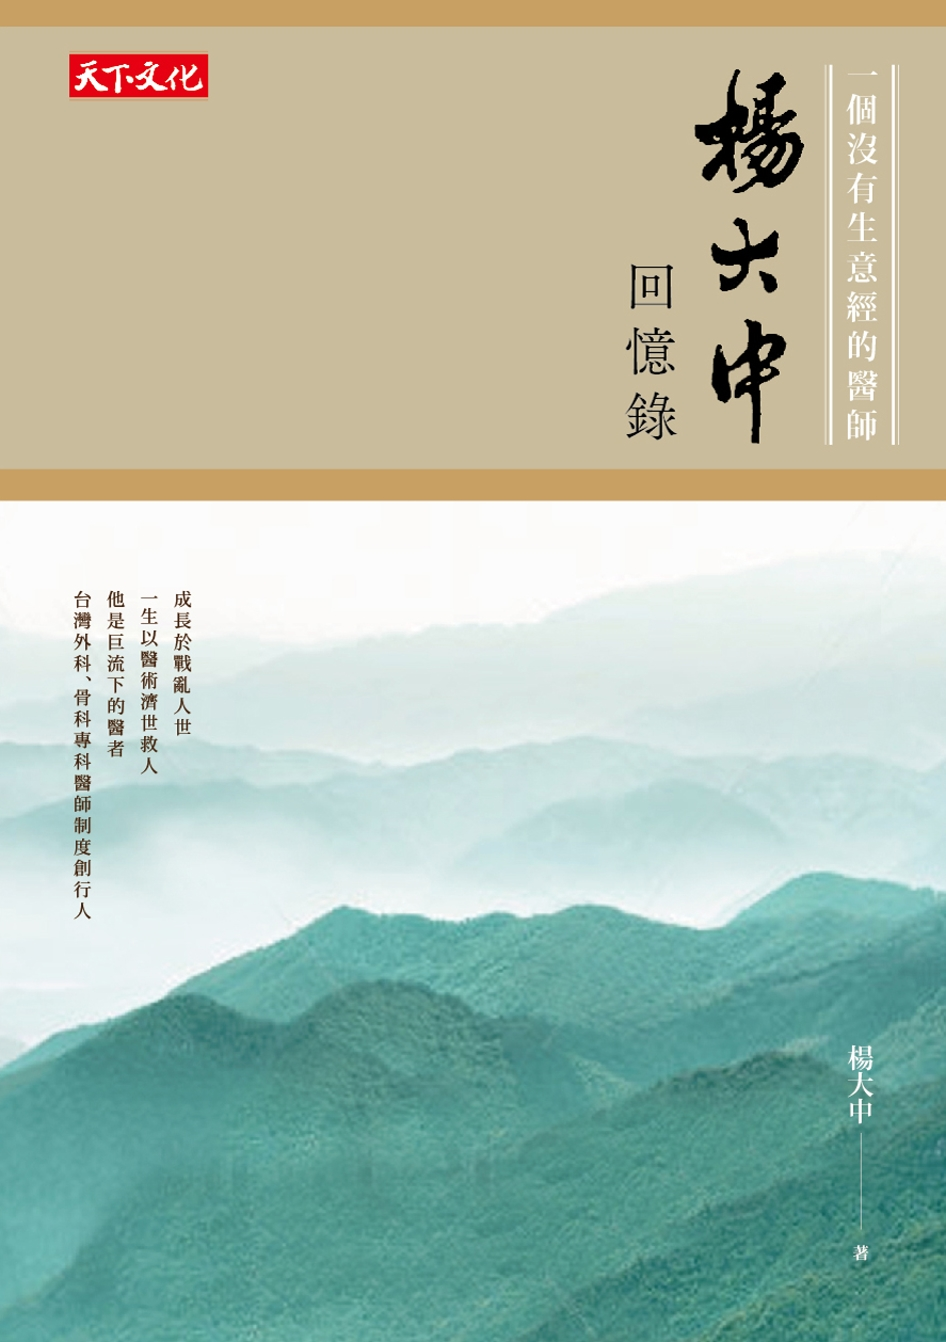 楊大中回憶錄:一個沒有生意經的醫師 台灣外科、骨科專科醫師制度創行人